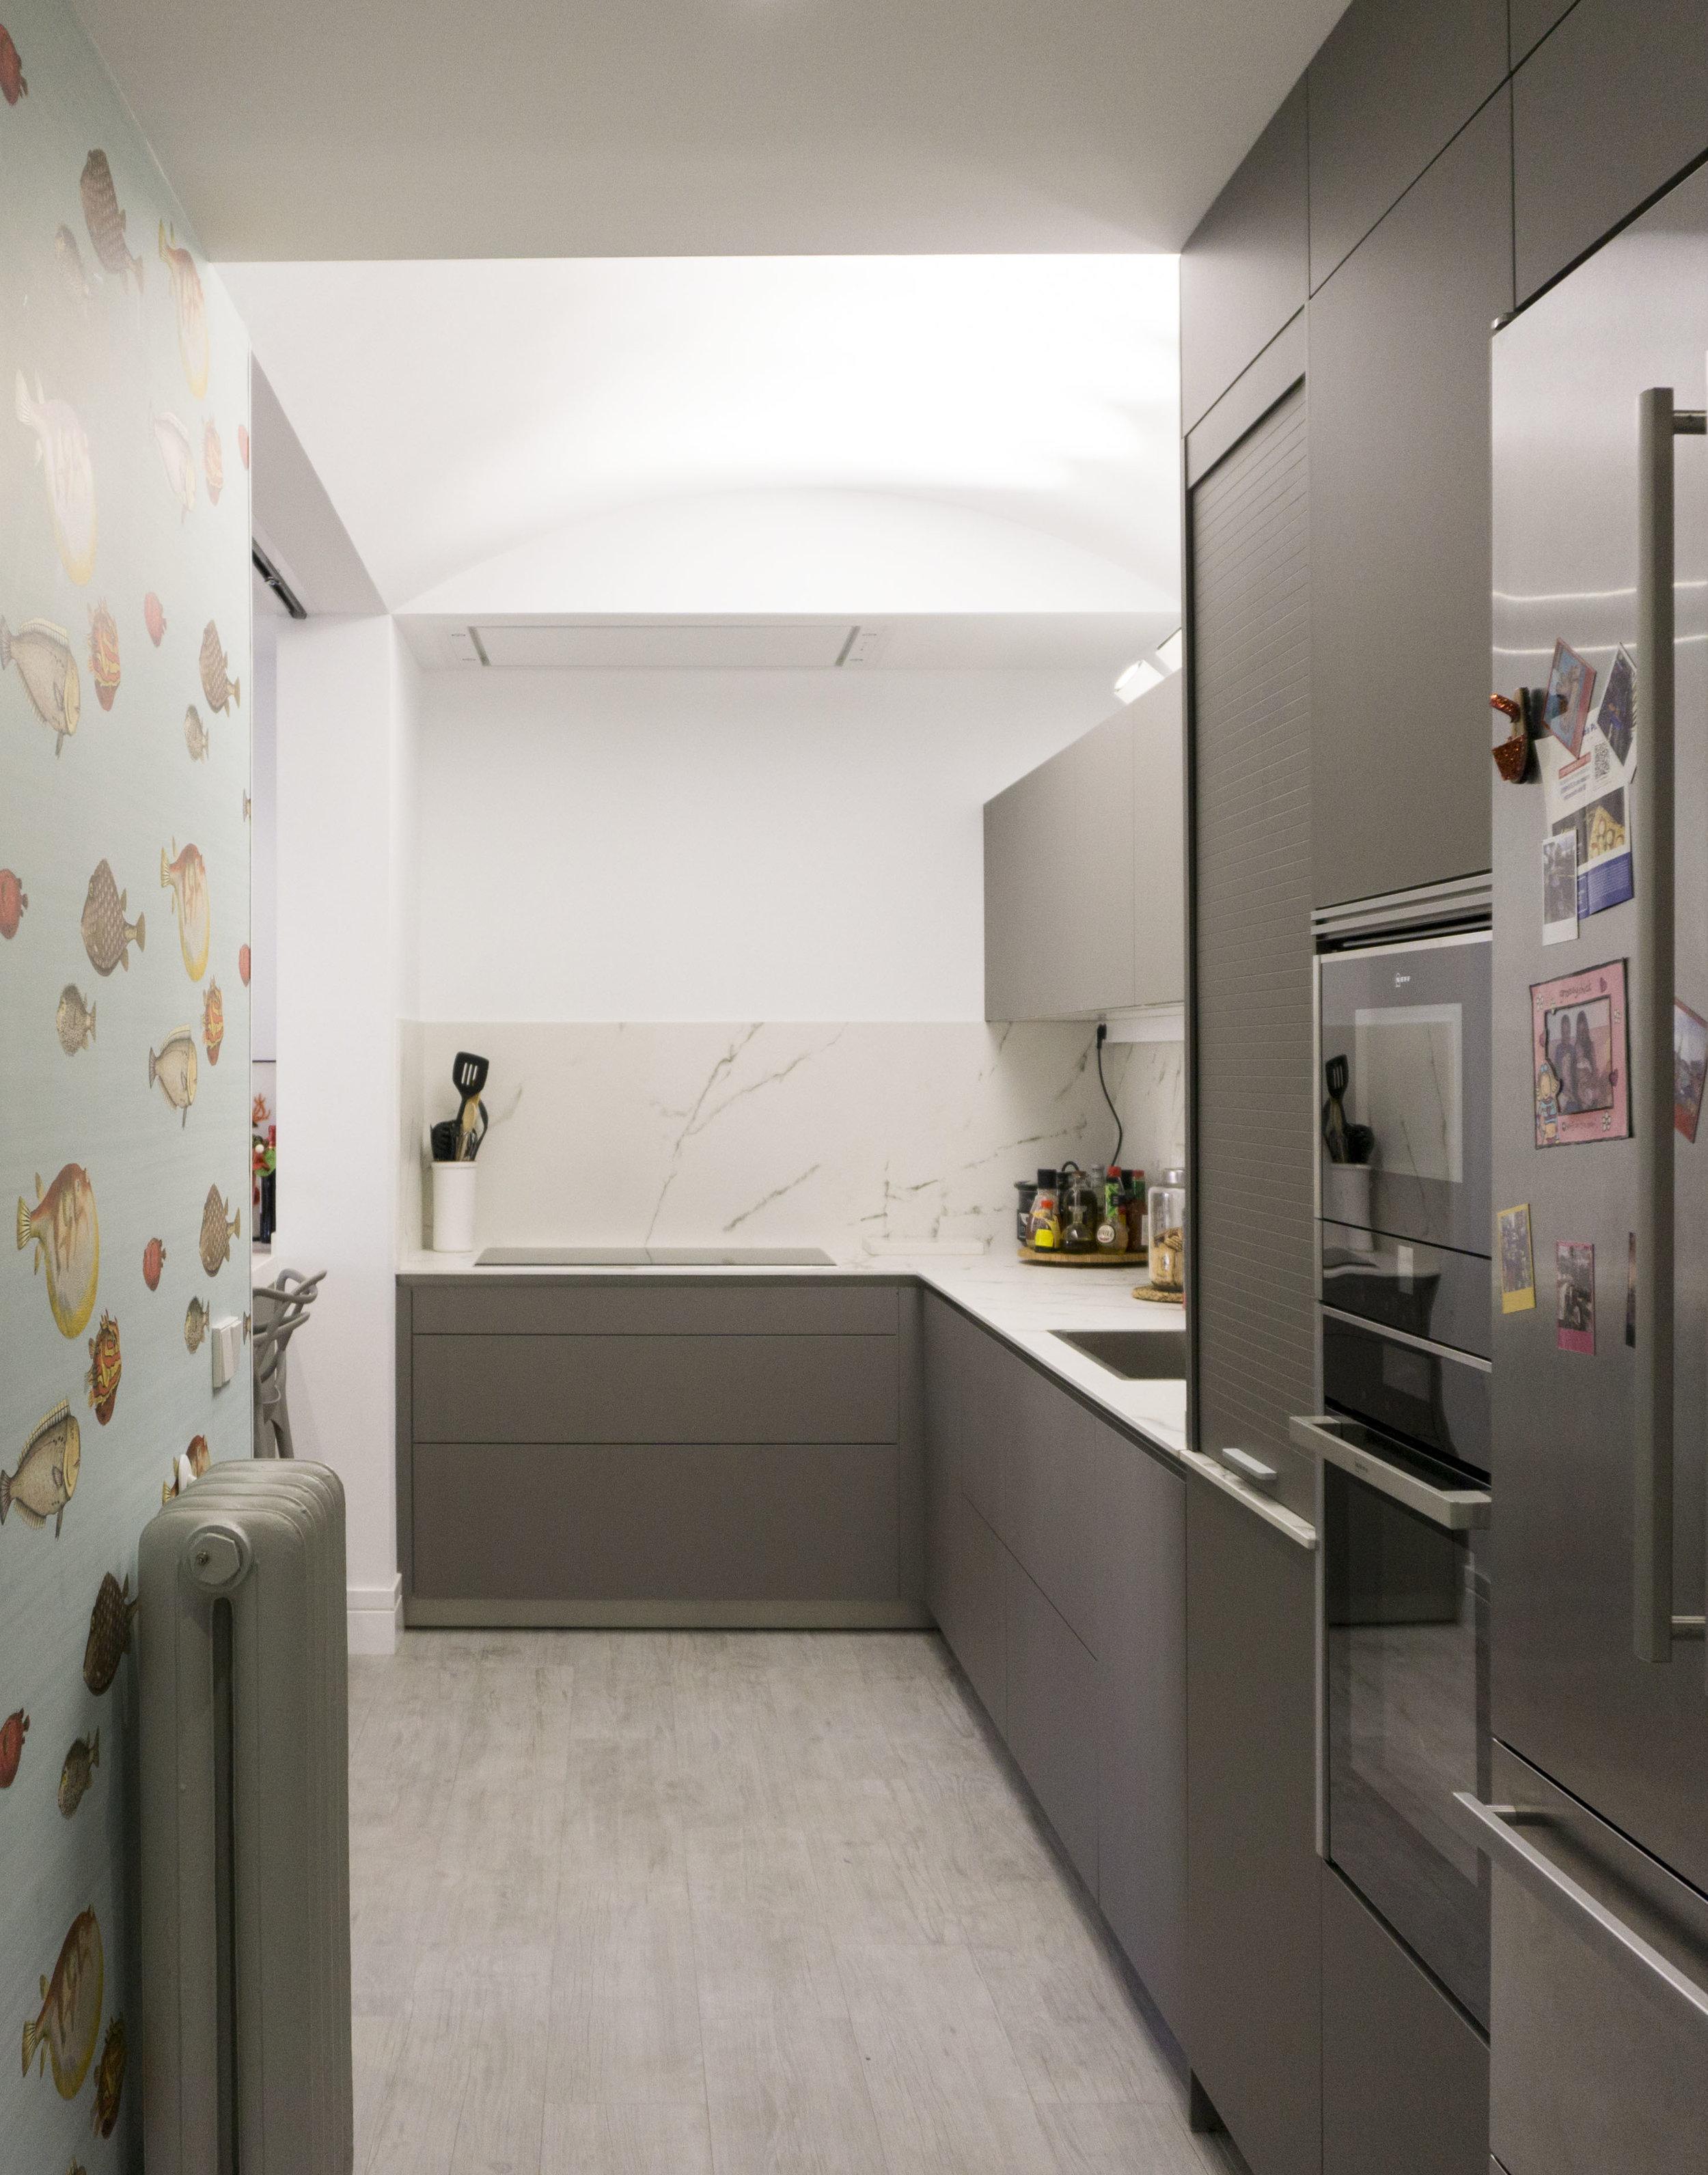 diseño reformas slow emmme studio 03 cocina con papel vivienda Ayala SM.jpg